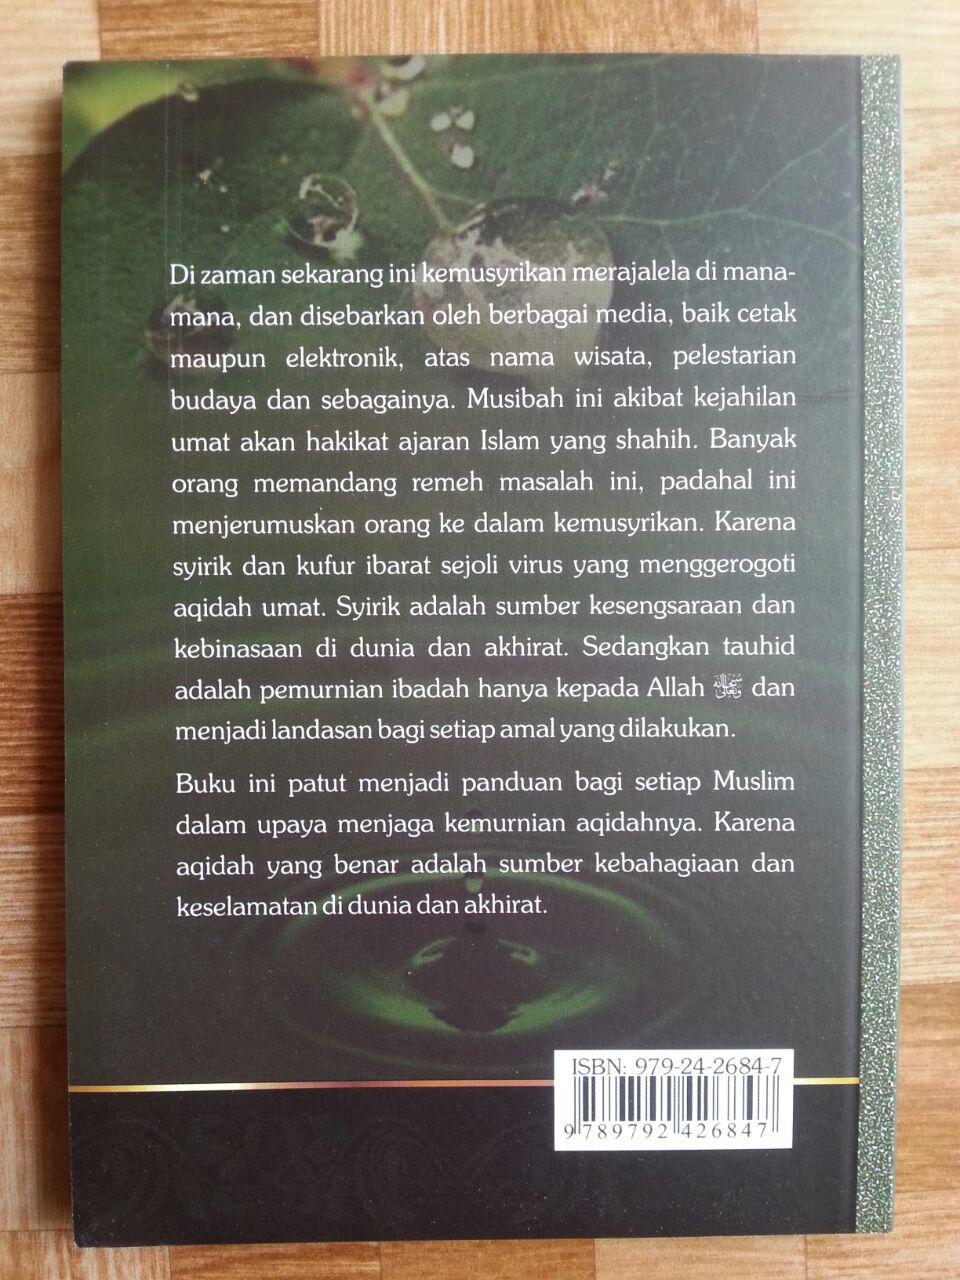 Buku Murnikan Tauhid Jauhkan Syirik cover